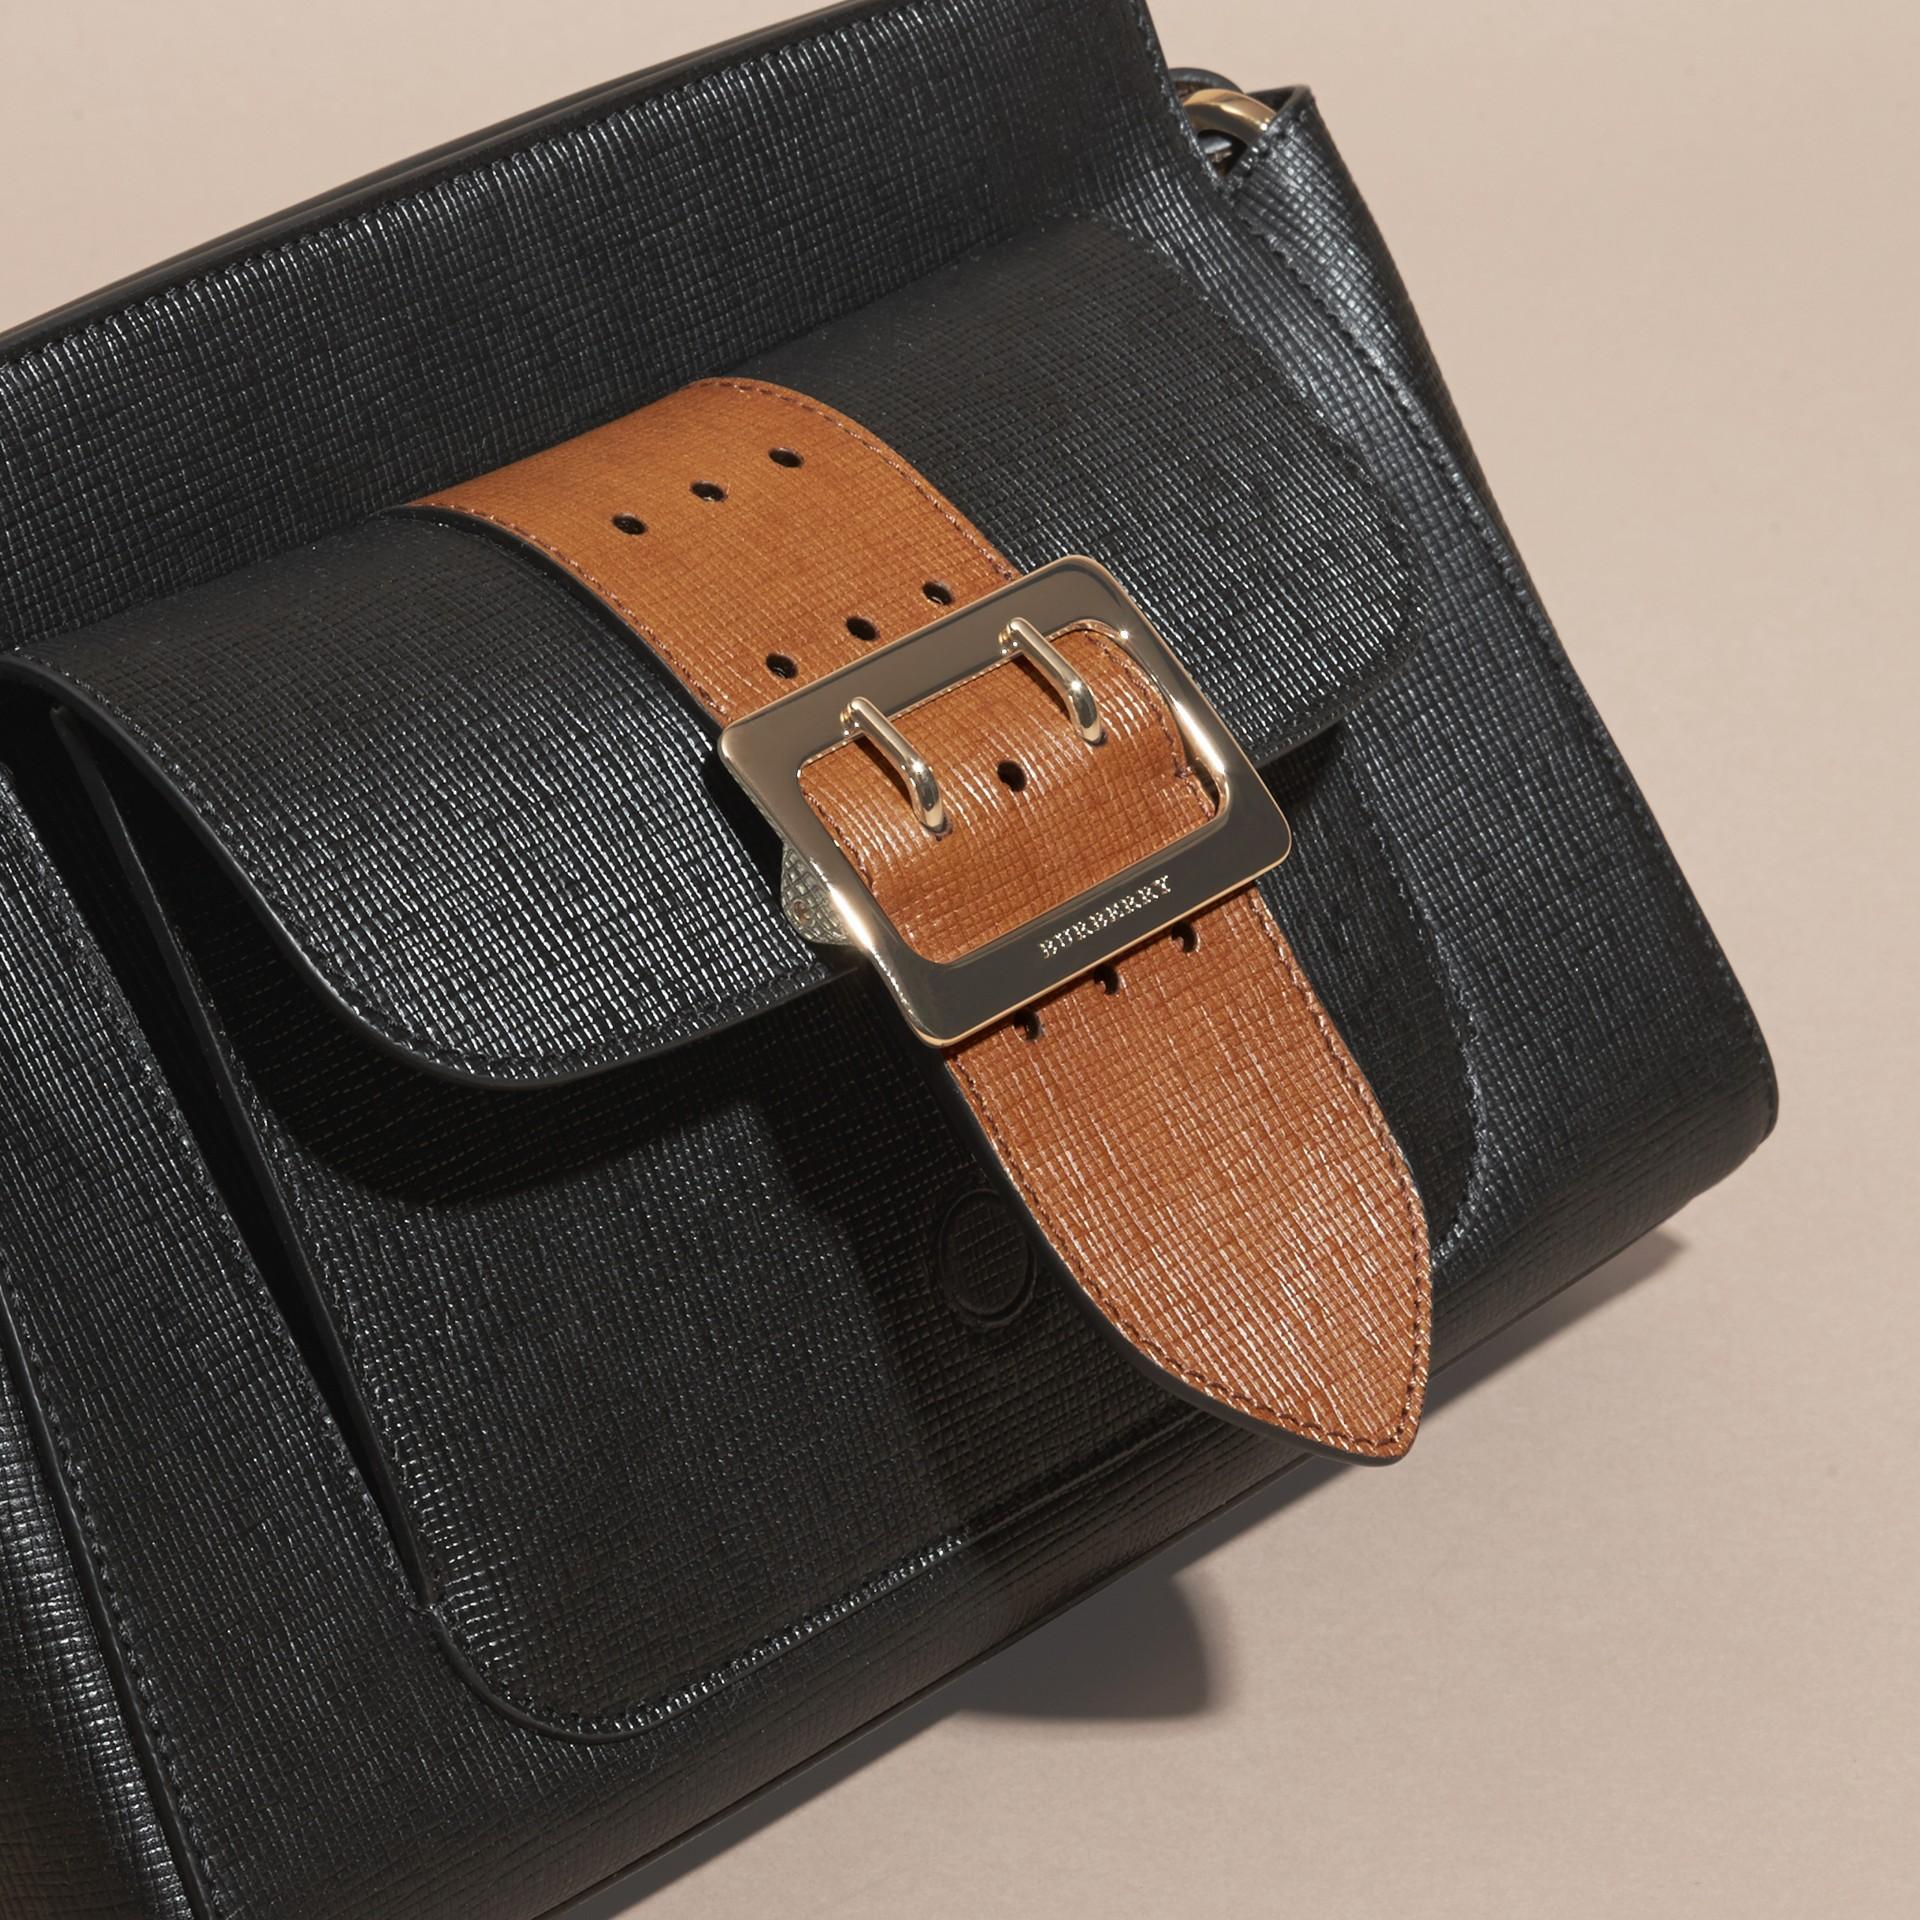 Preto Bolsa clutch Saddle de couro texturizado e aderido - galeria de imagens 8